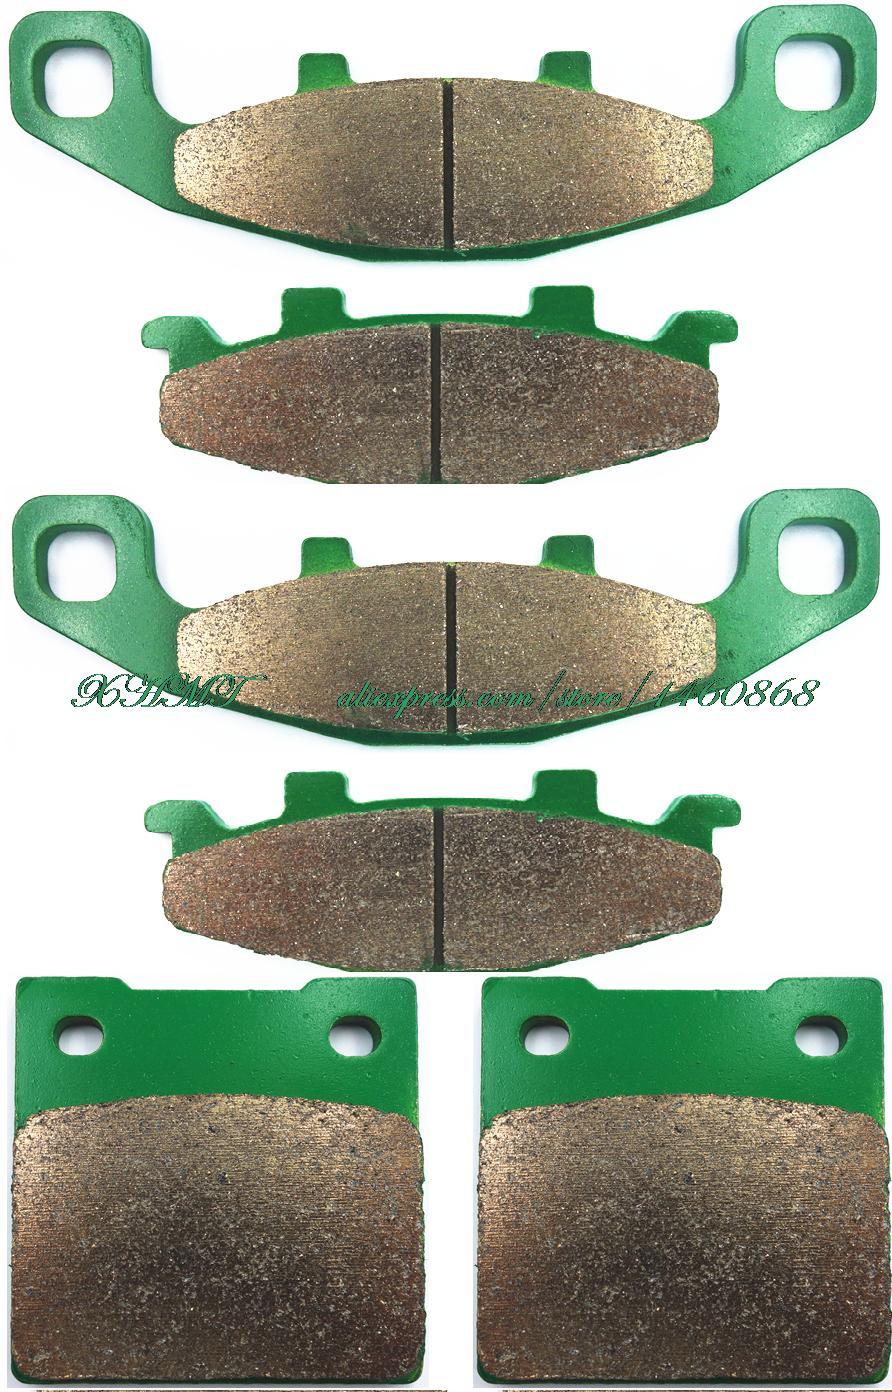 Тормозные колодки комплект для Kawasaki Zrx1200 Zrx 1200 R-S 2000 и выше/Suzuki Gsx250 Gsx 250 skatana 1991 и выше